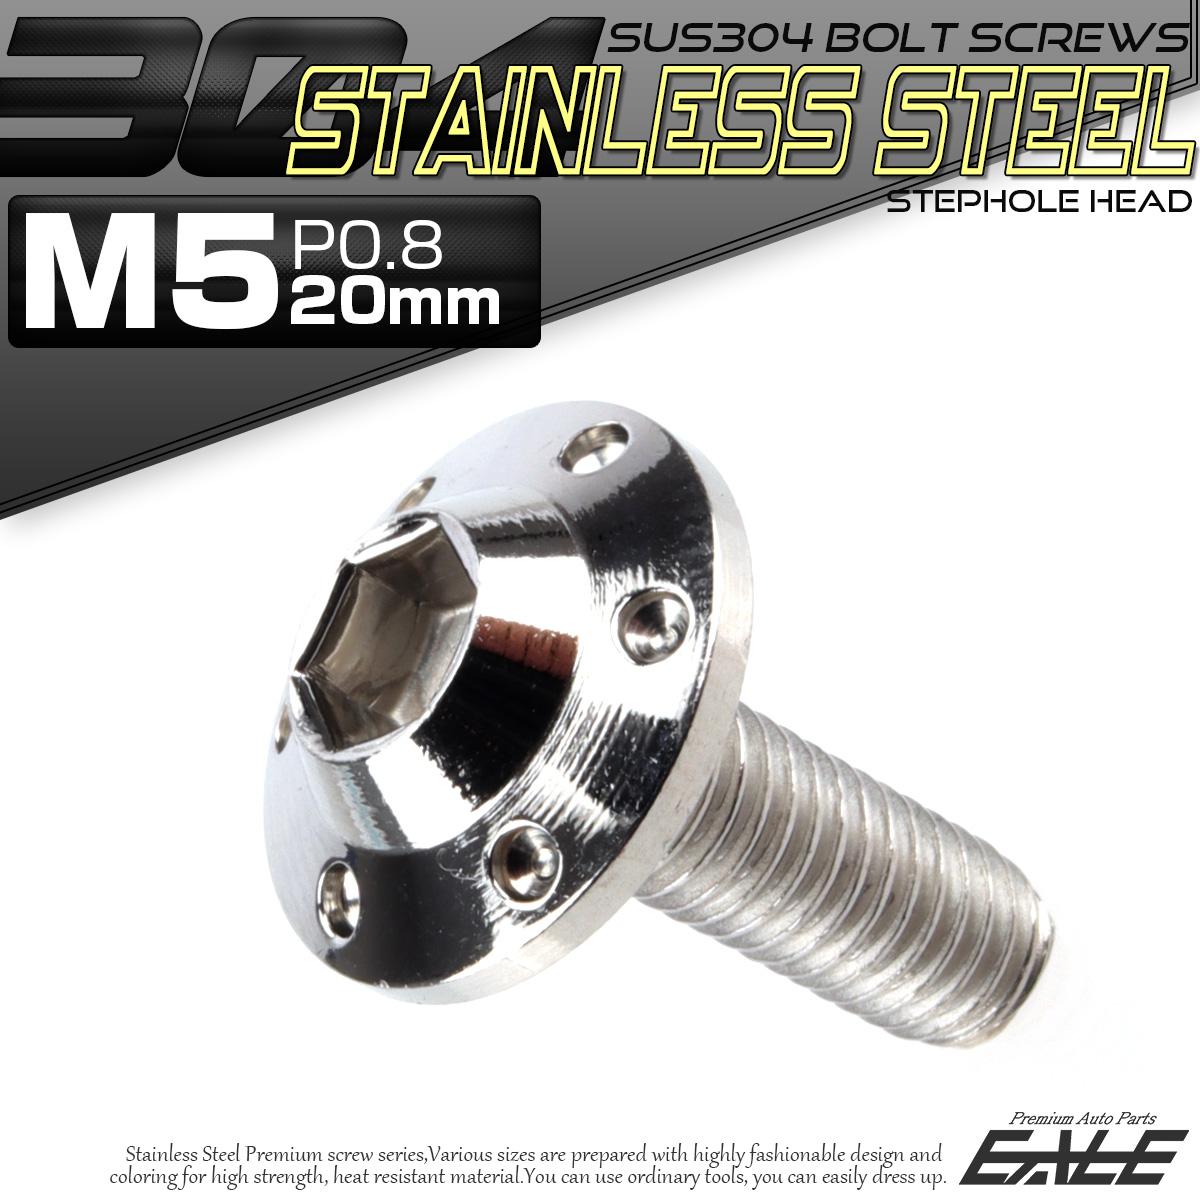 SUS304 フランジ付 ボタンボルト M5×20mm P0.8 六角穴  シルバー ステップホールヘッド ステンレス製 TR0174